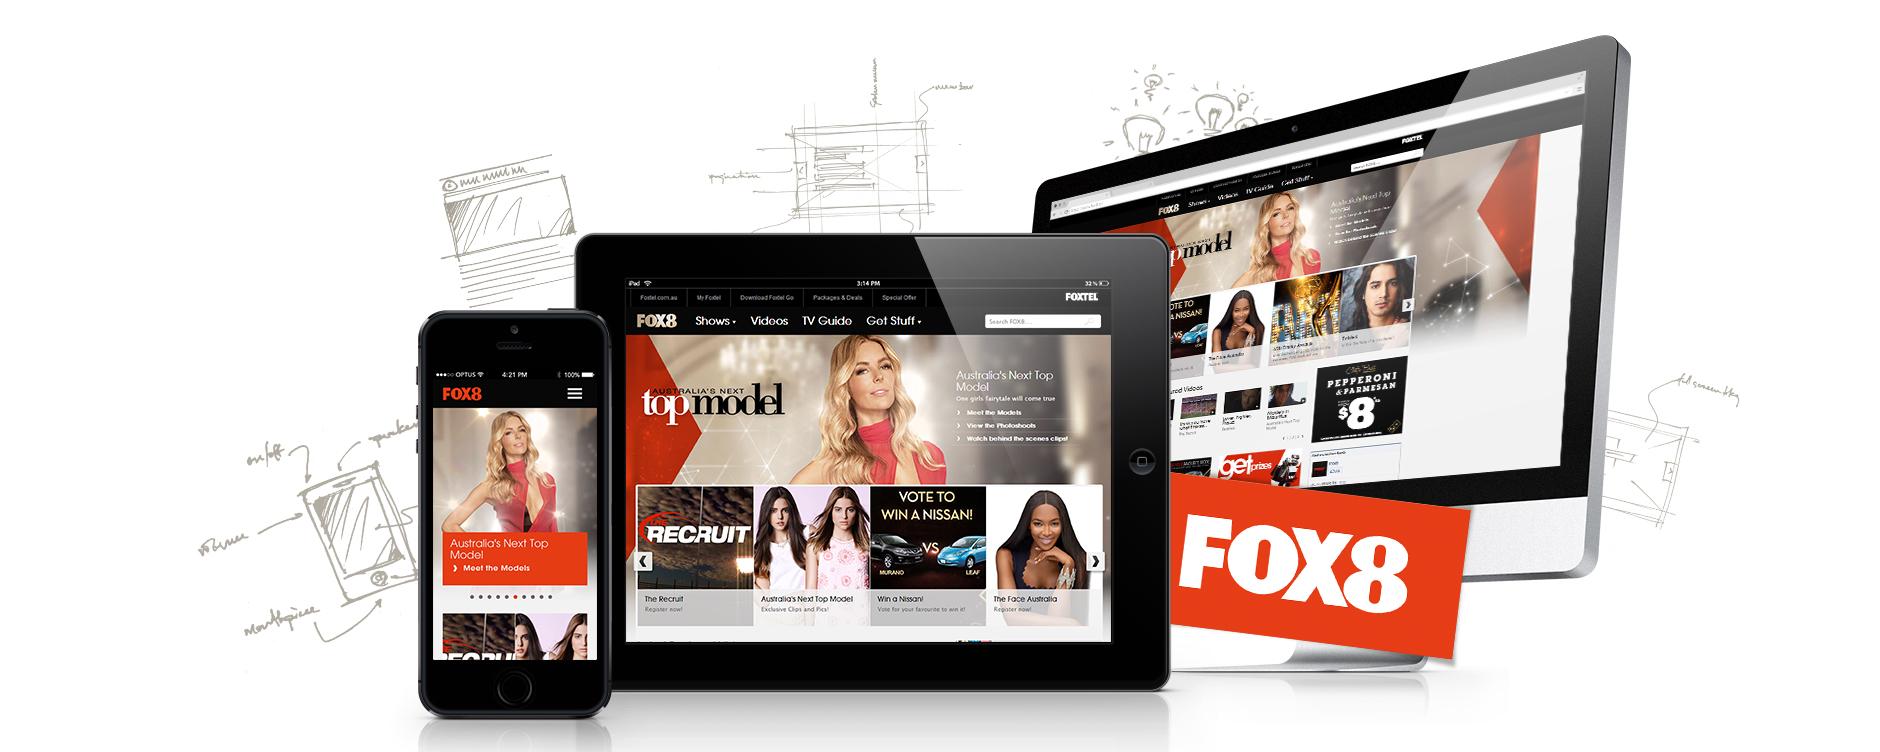 Fox8-20130817-v01-TC